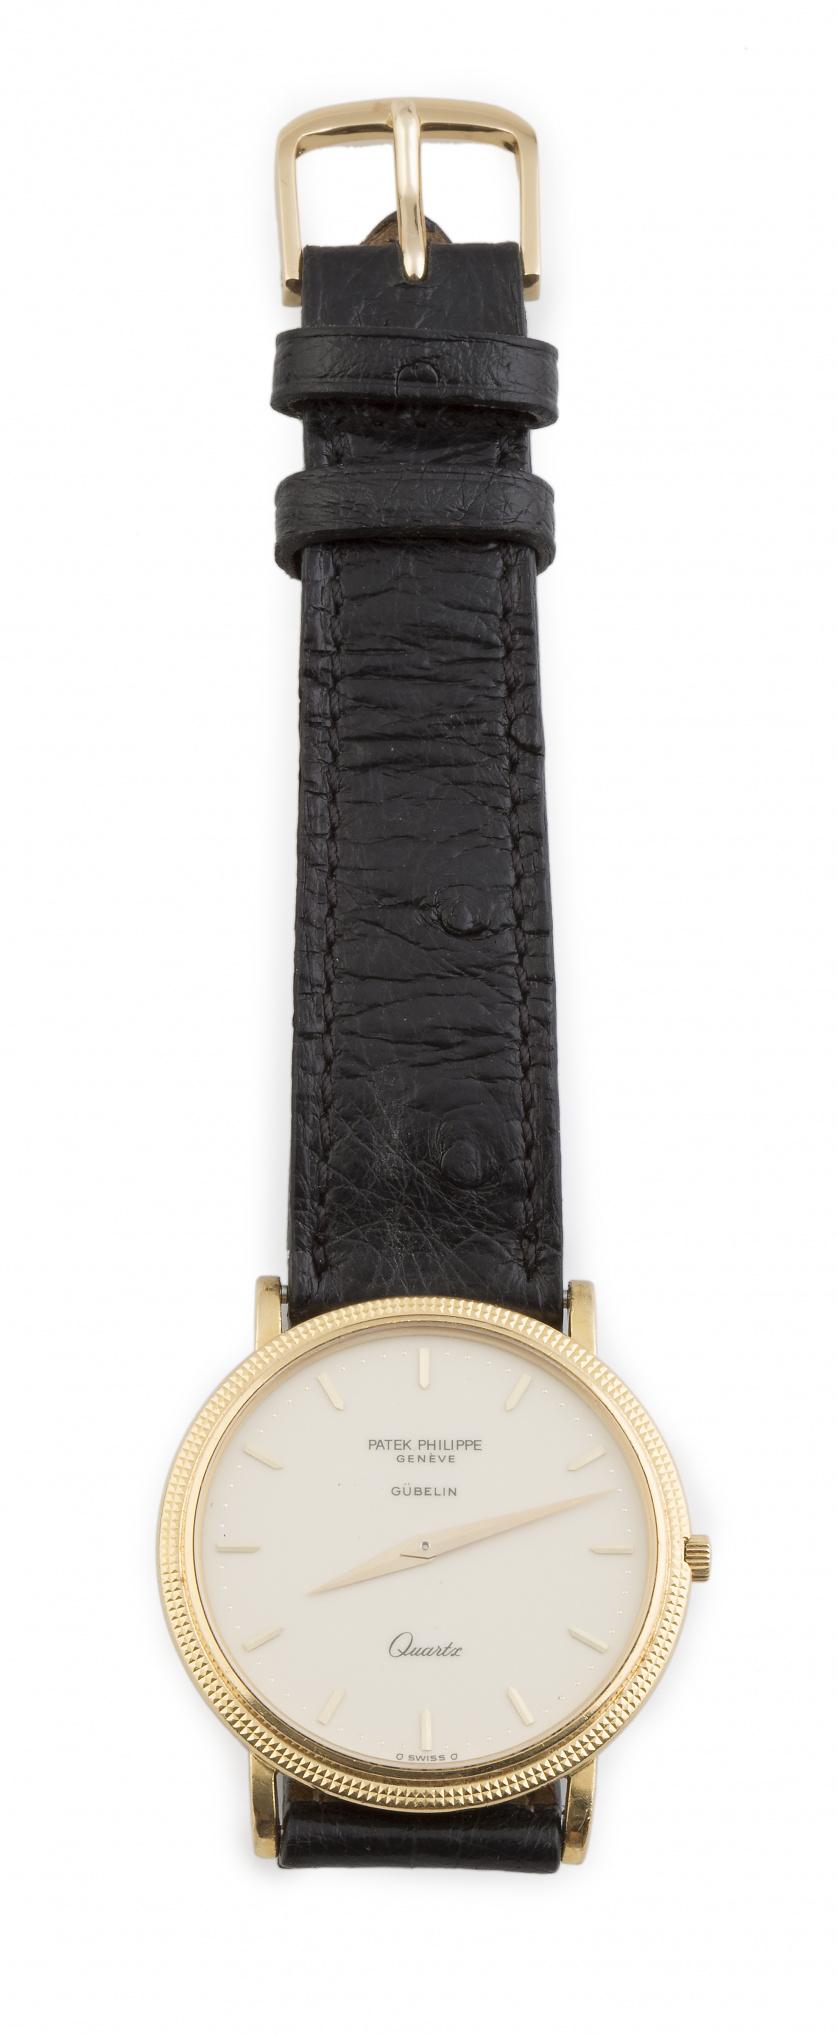 Reloj de pulsera PATEK PHILIPPE Calatrava en oro de 18K